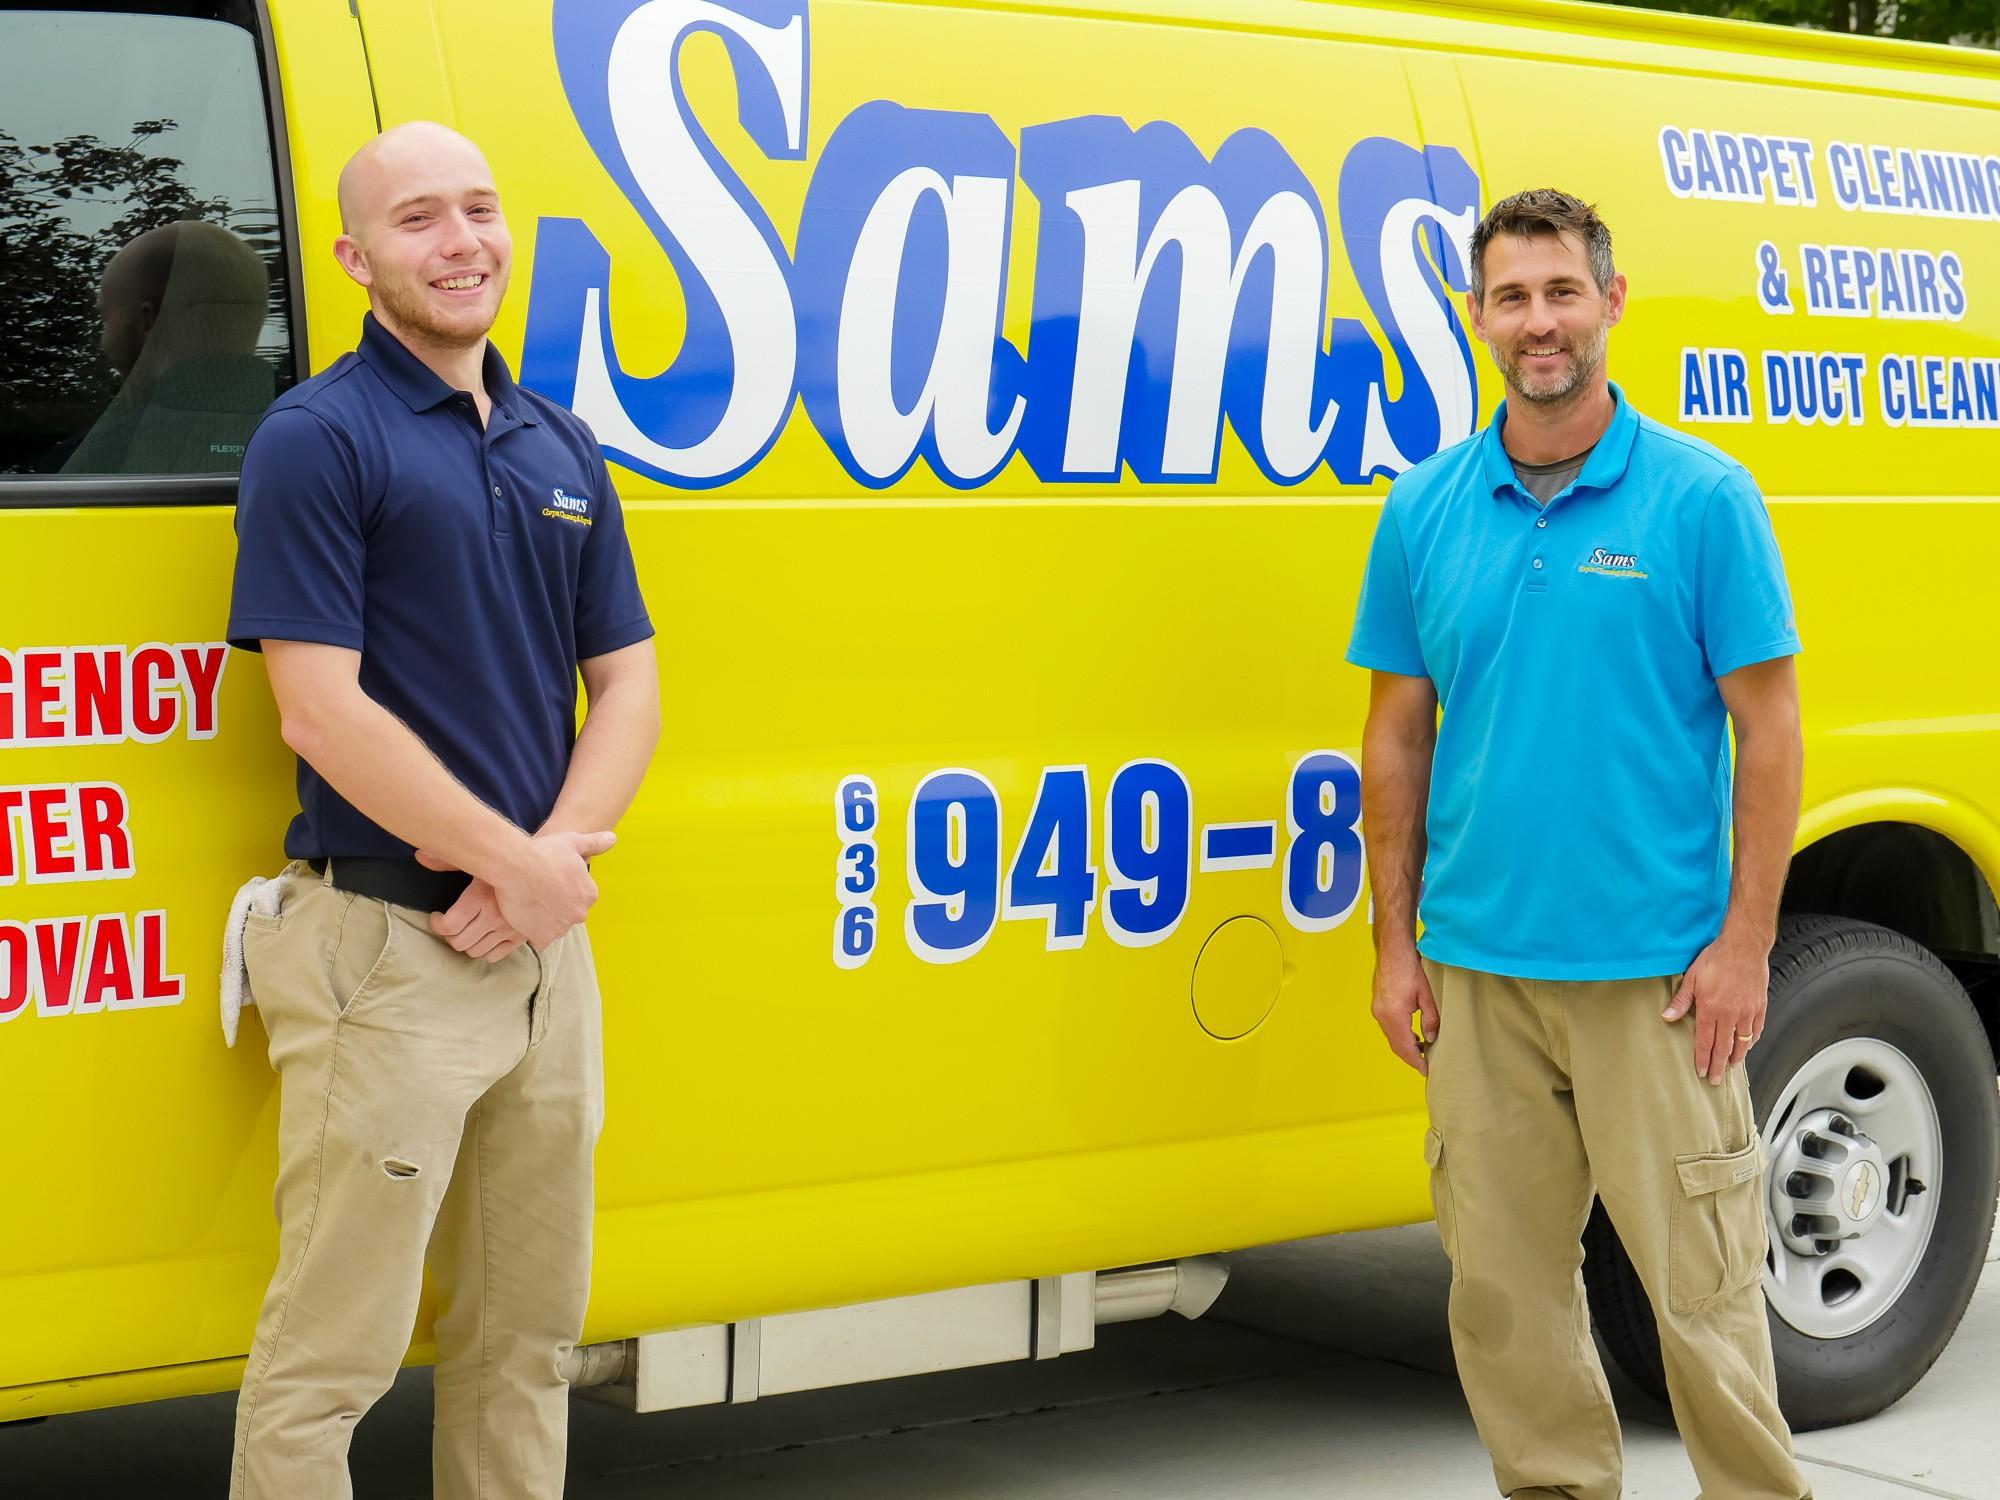 Sams Carpet Cleaning & Repairs   LinkedIn